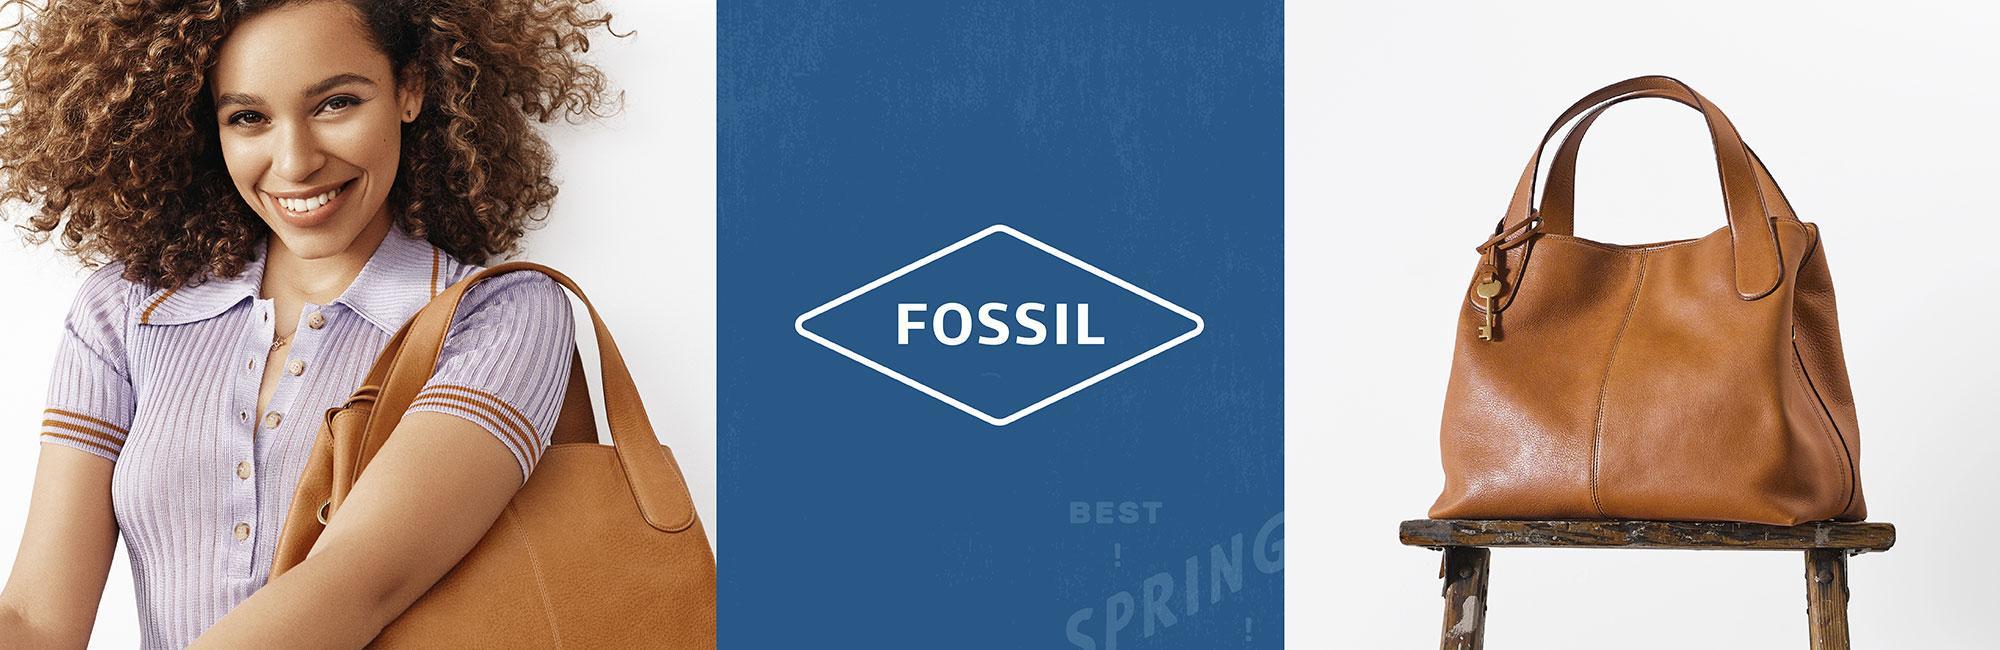 Portefeuilles Fossil Et Portefeuilles Sacs Et Fossil Sacs Fossil Sacs Et WD9YE2HI